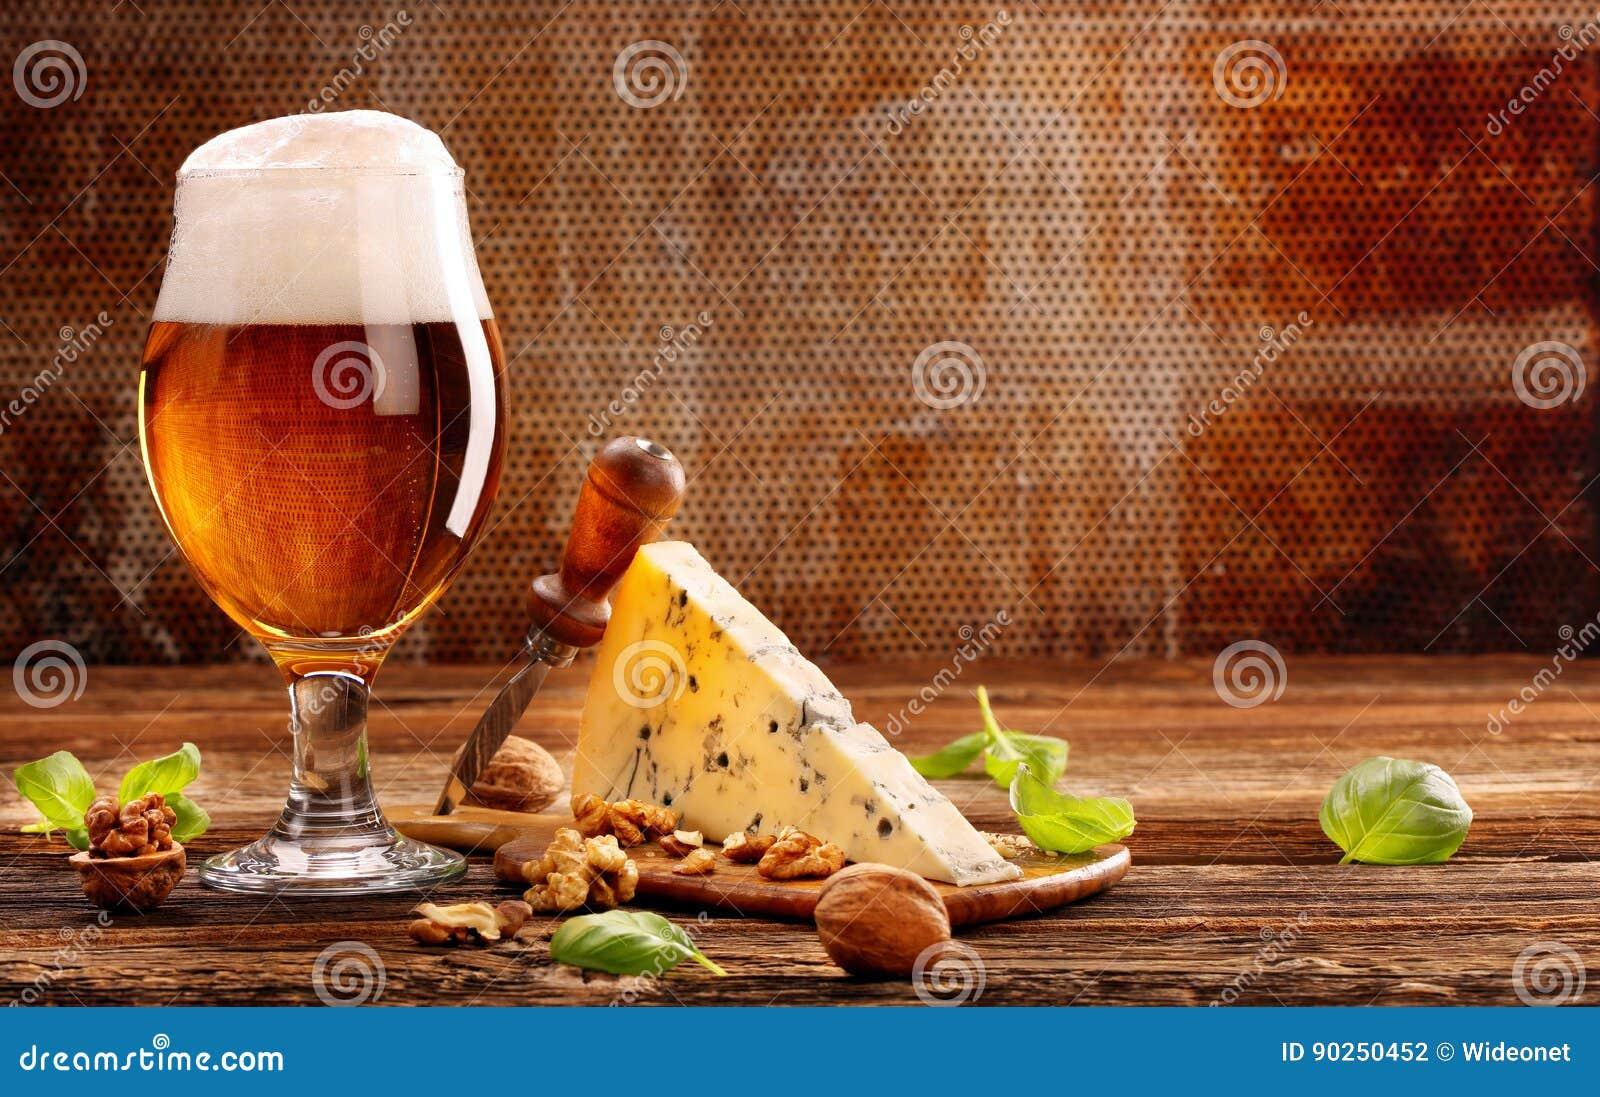 青纹干酪开胃菜和啤酒在棕色葡萄酒背景